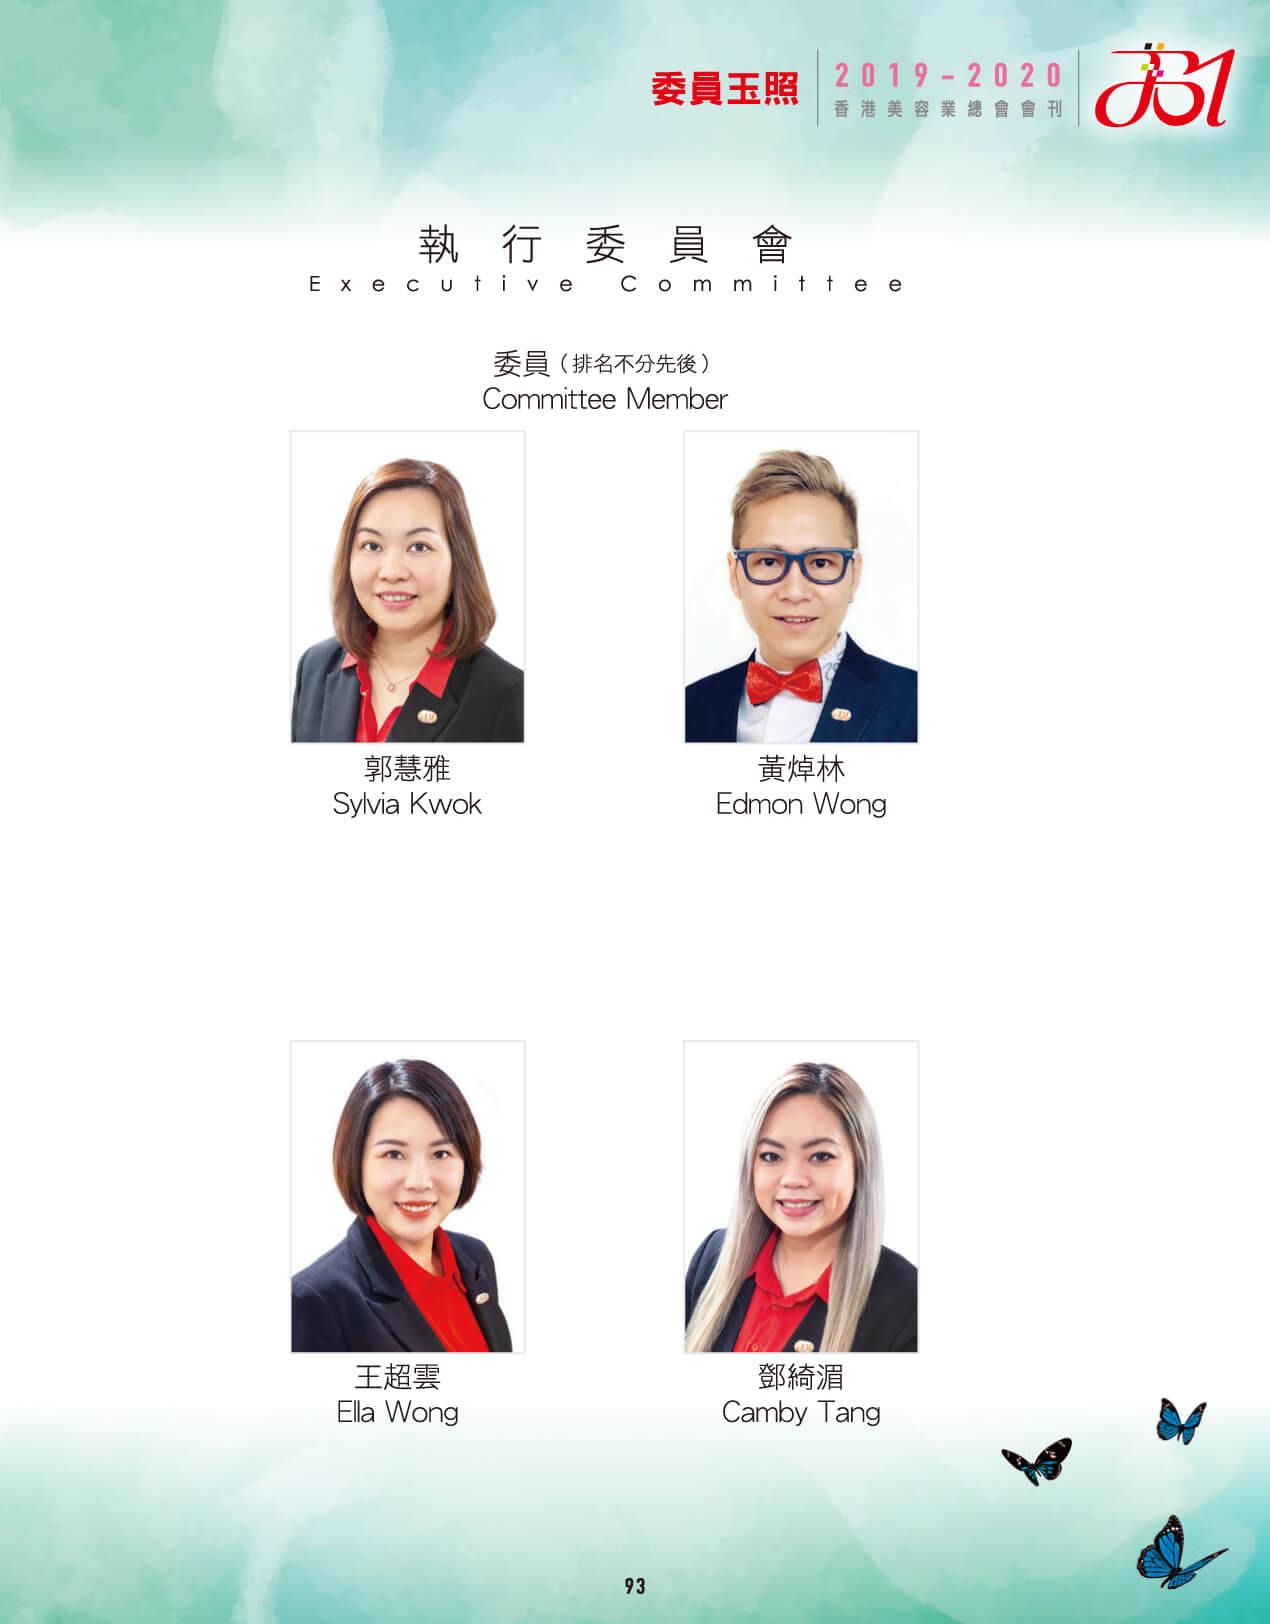 P093-2019-2020-FBi-Executive Committee